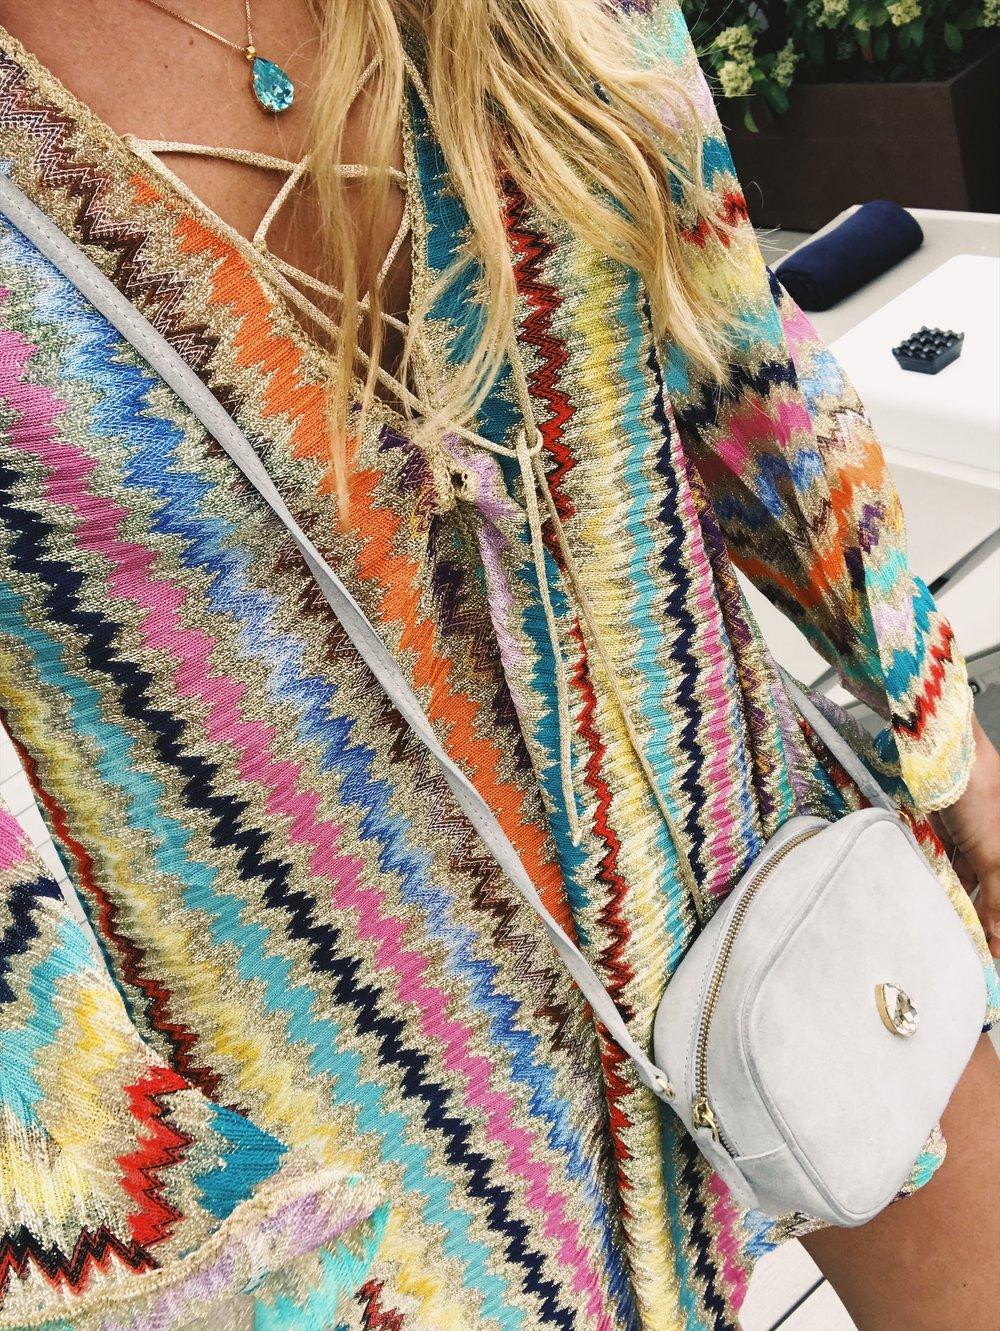 Missoni är ren lycka i klädväg som alltid inspirerar med färg och mönster. Väskan kommer snart till butik..